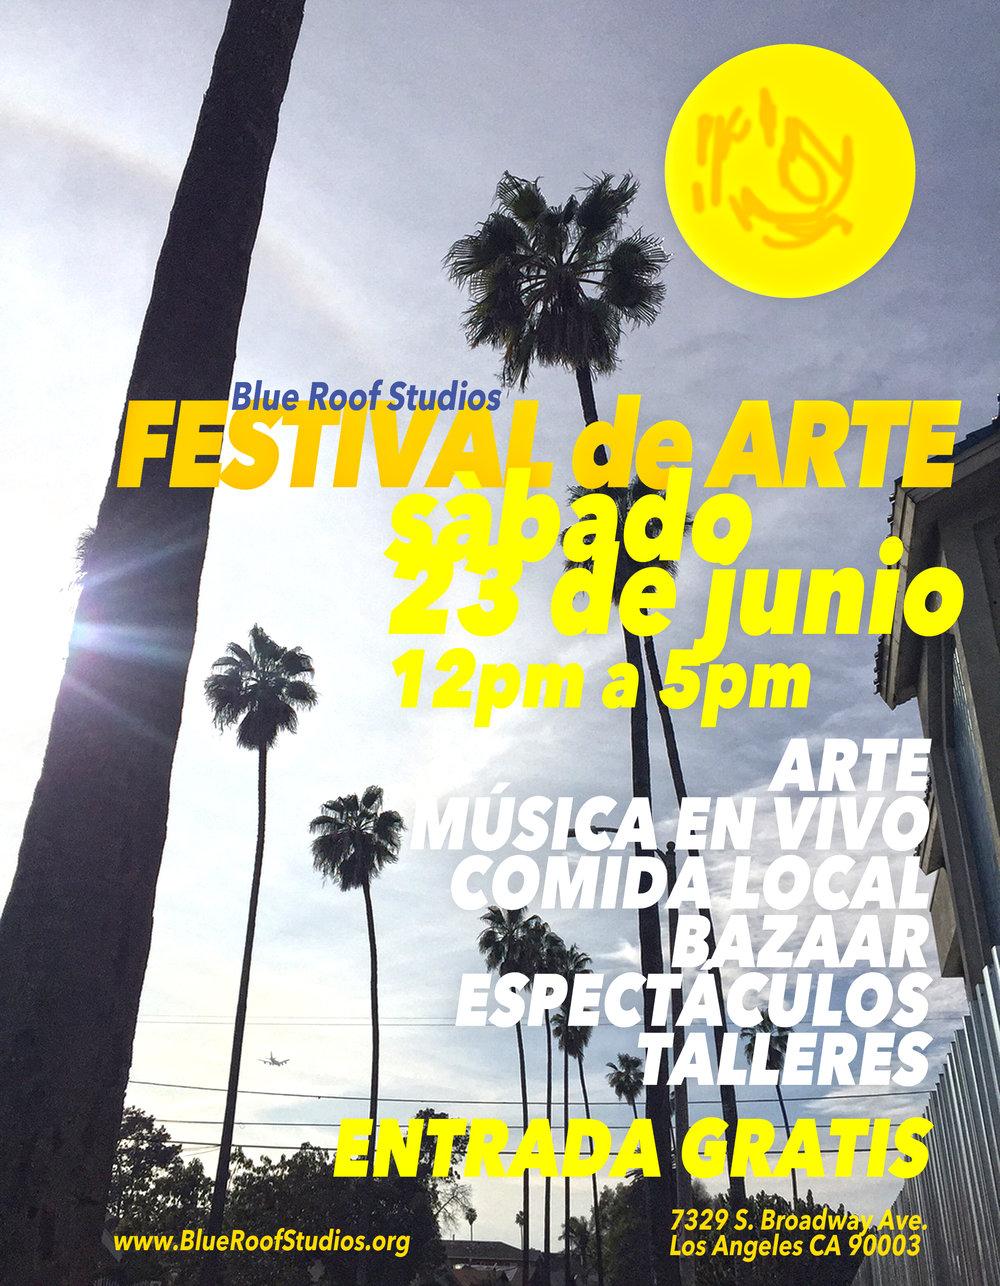 FestivalFlyerFinalSpanish03.jpg